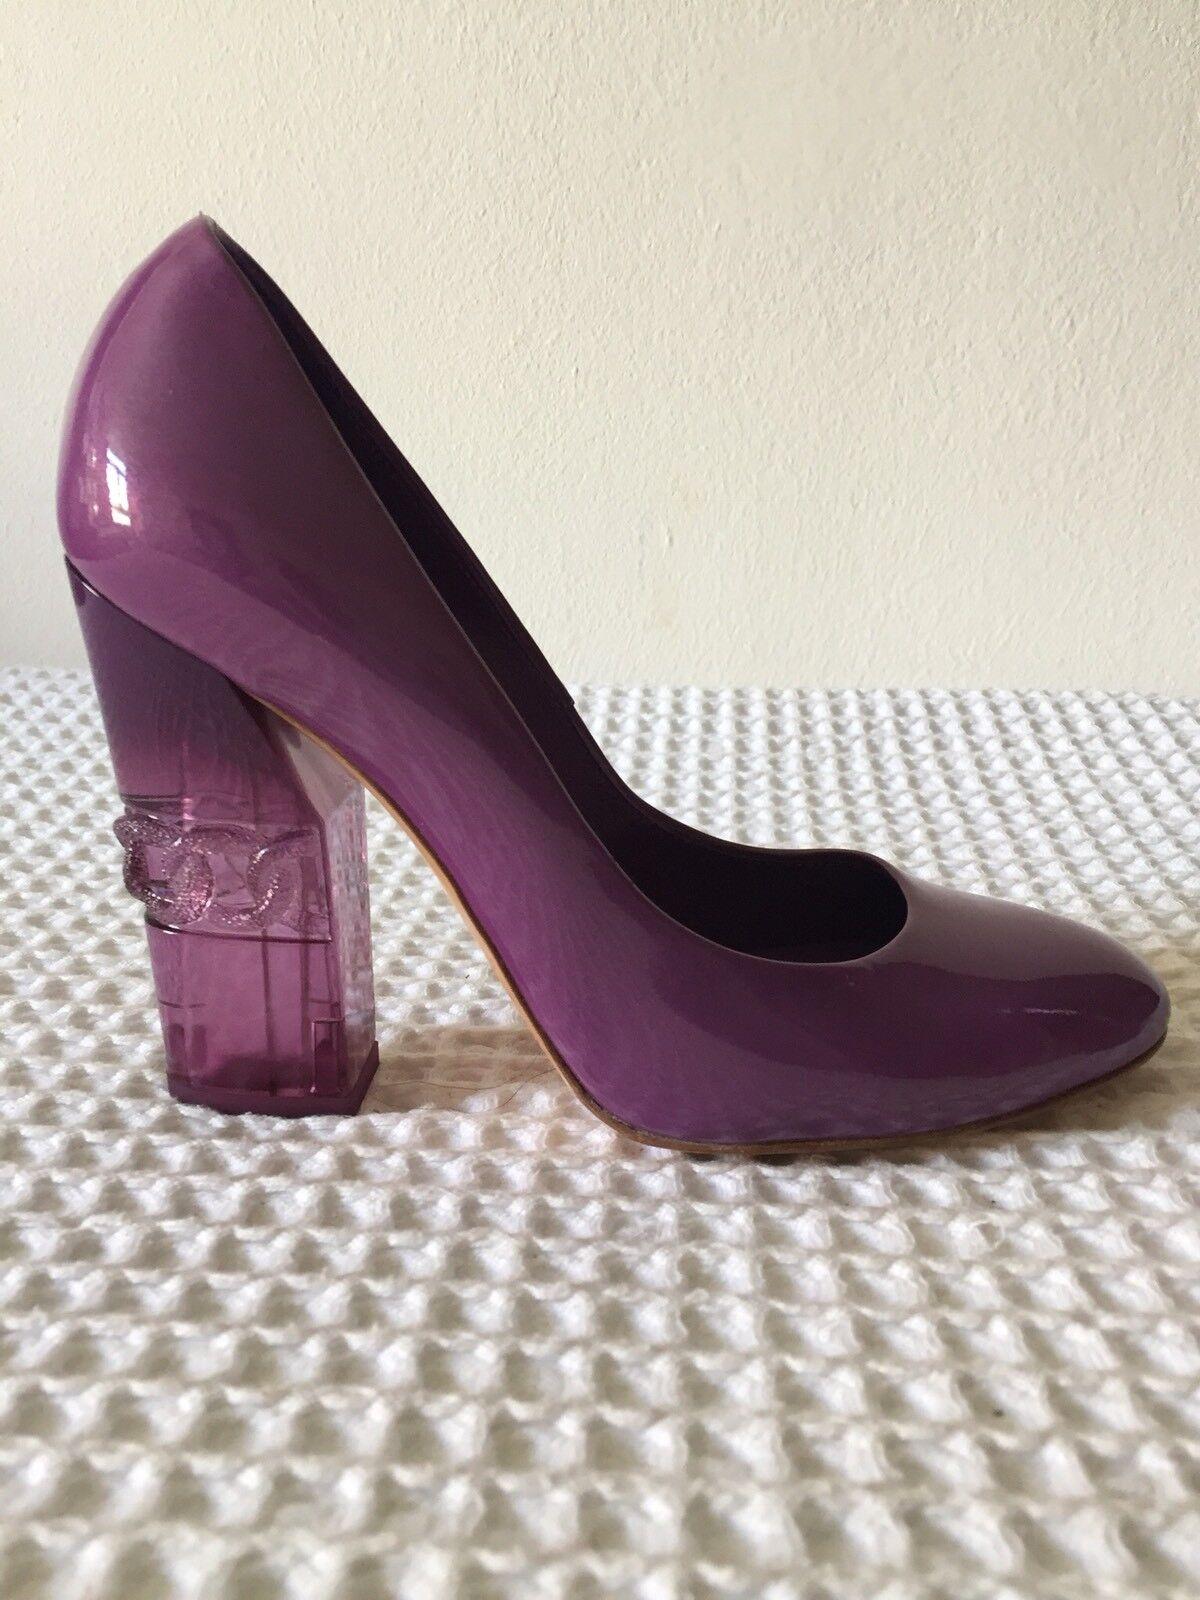 CASADEI PURPLE PATENT LEATHER Unique heel detailing  SZ US 6.5 UK 3.5 EU 36.5